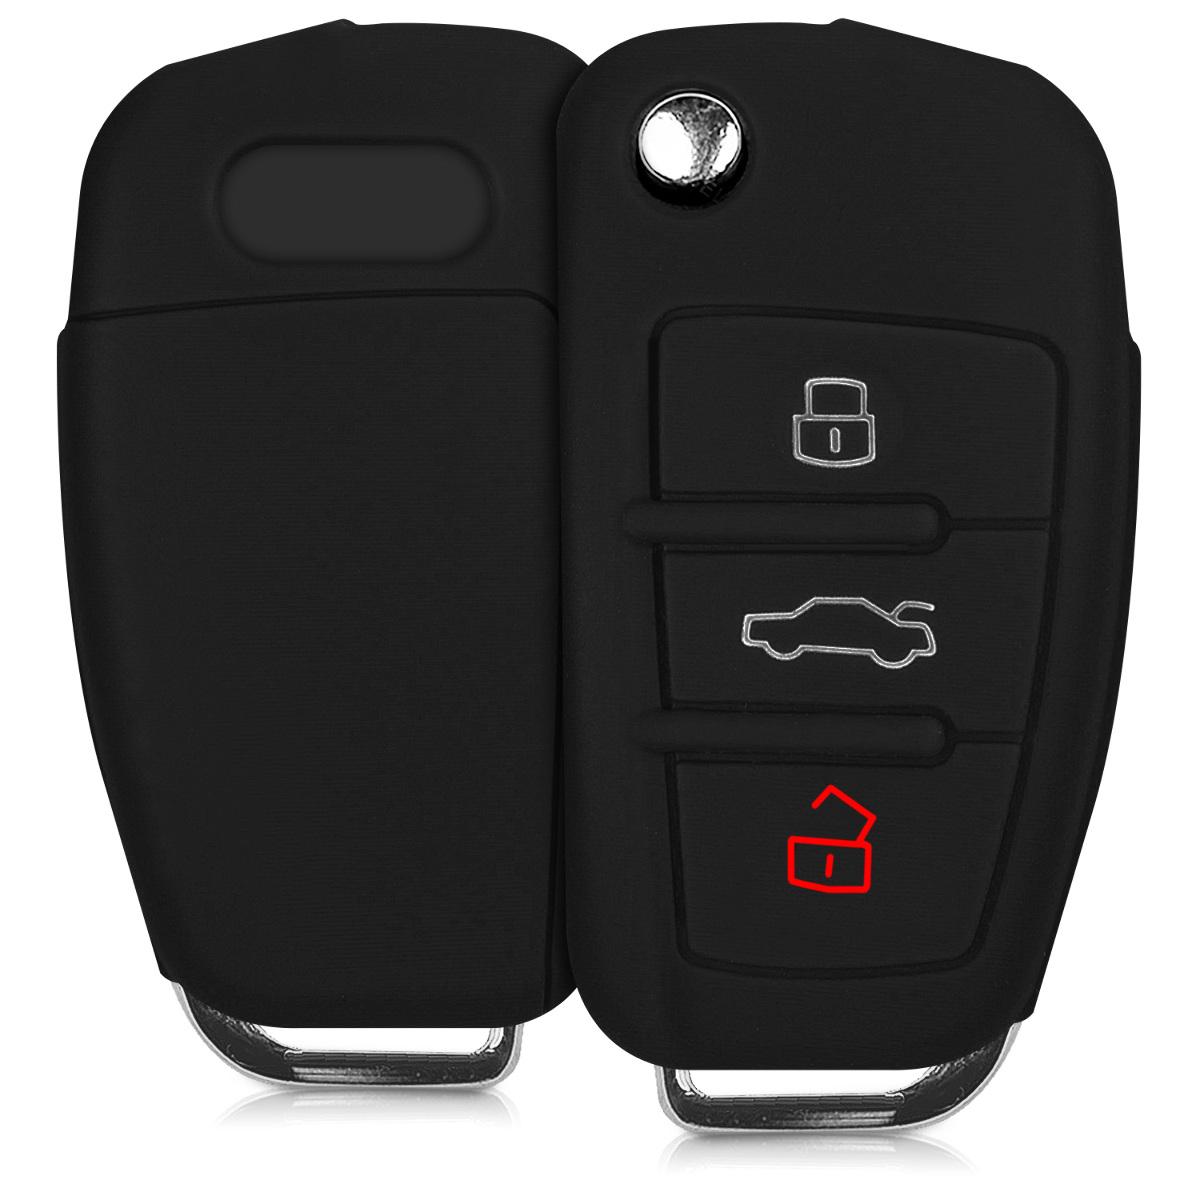 KW Θήκη κλειδιού - Audi - Σιλικόνη-  3 κουμπιά - Black (41115.01)